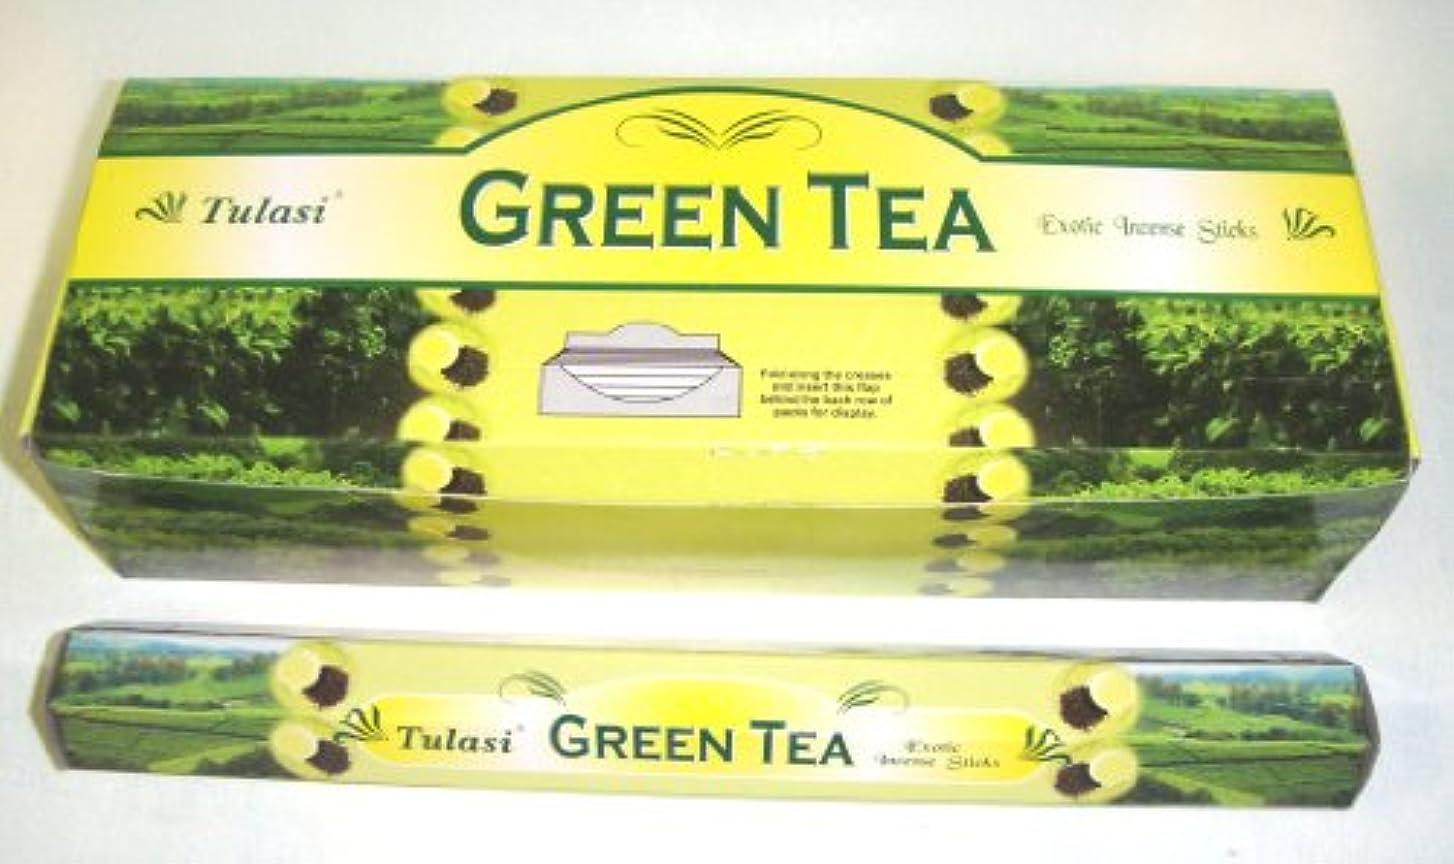 シリアル啓示不透明なTulasi グリーンティー(GREEN TEA)香 スティック 6角(20本入り)×1箱